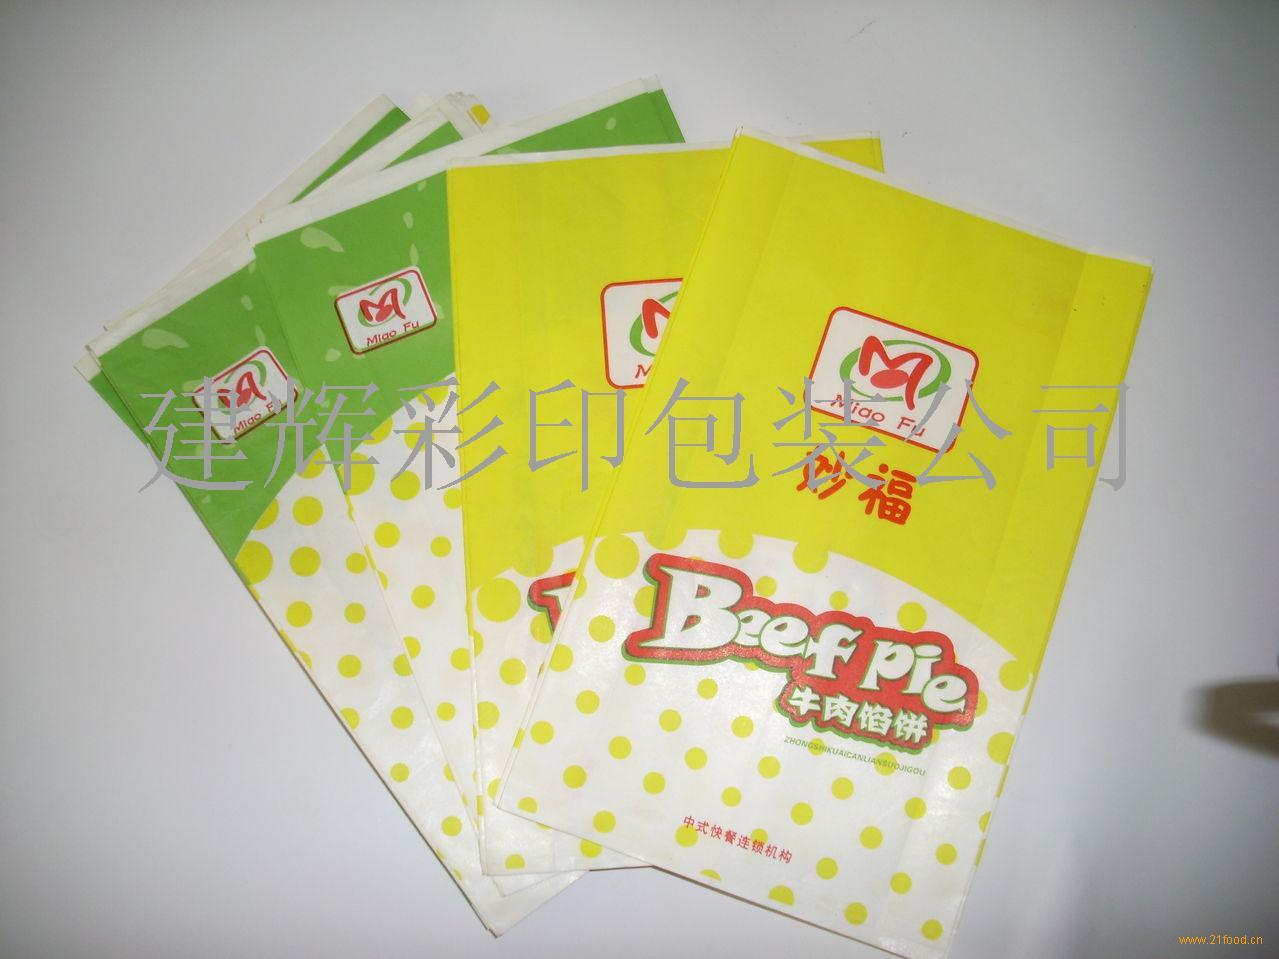 包装 包装设计 购物纸袋 纸袋 1279_959